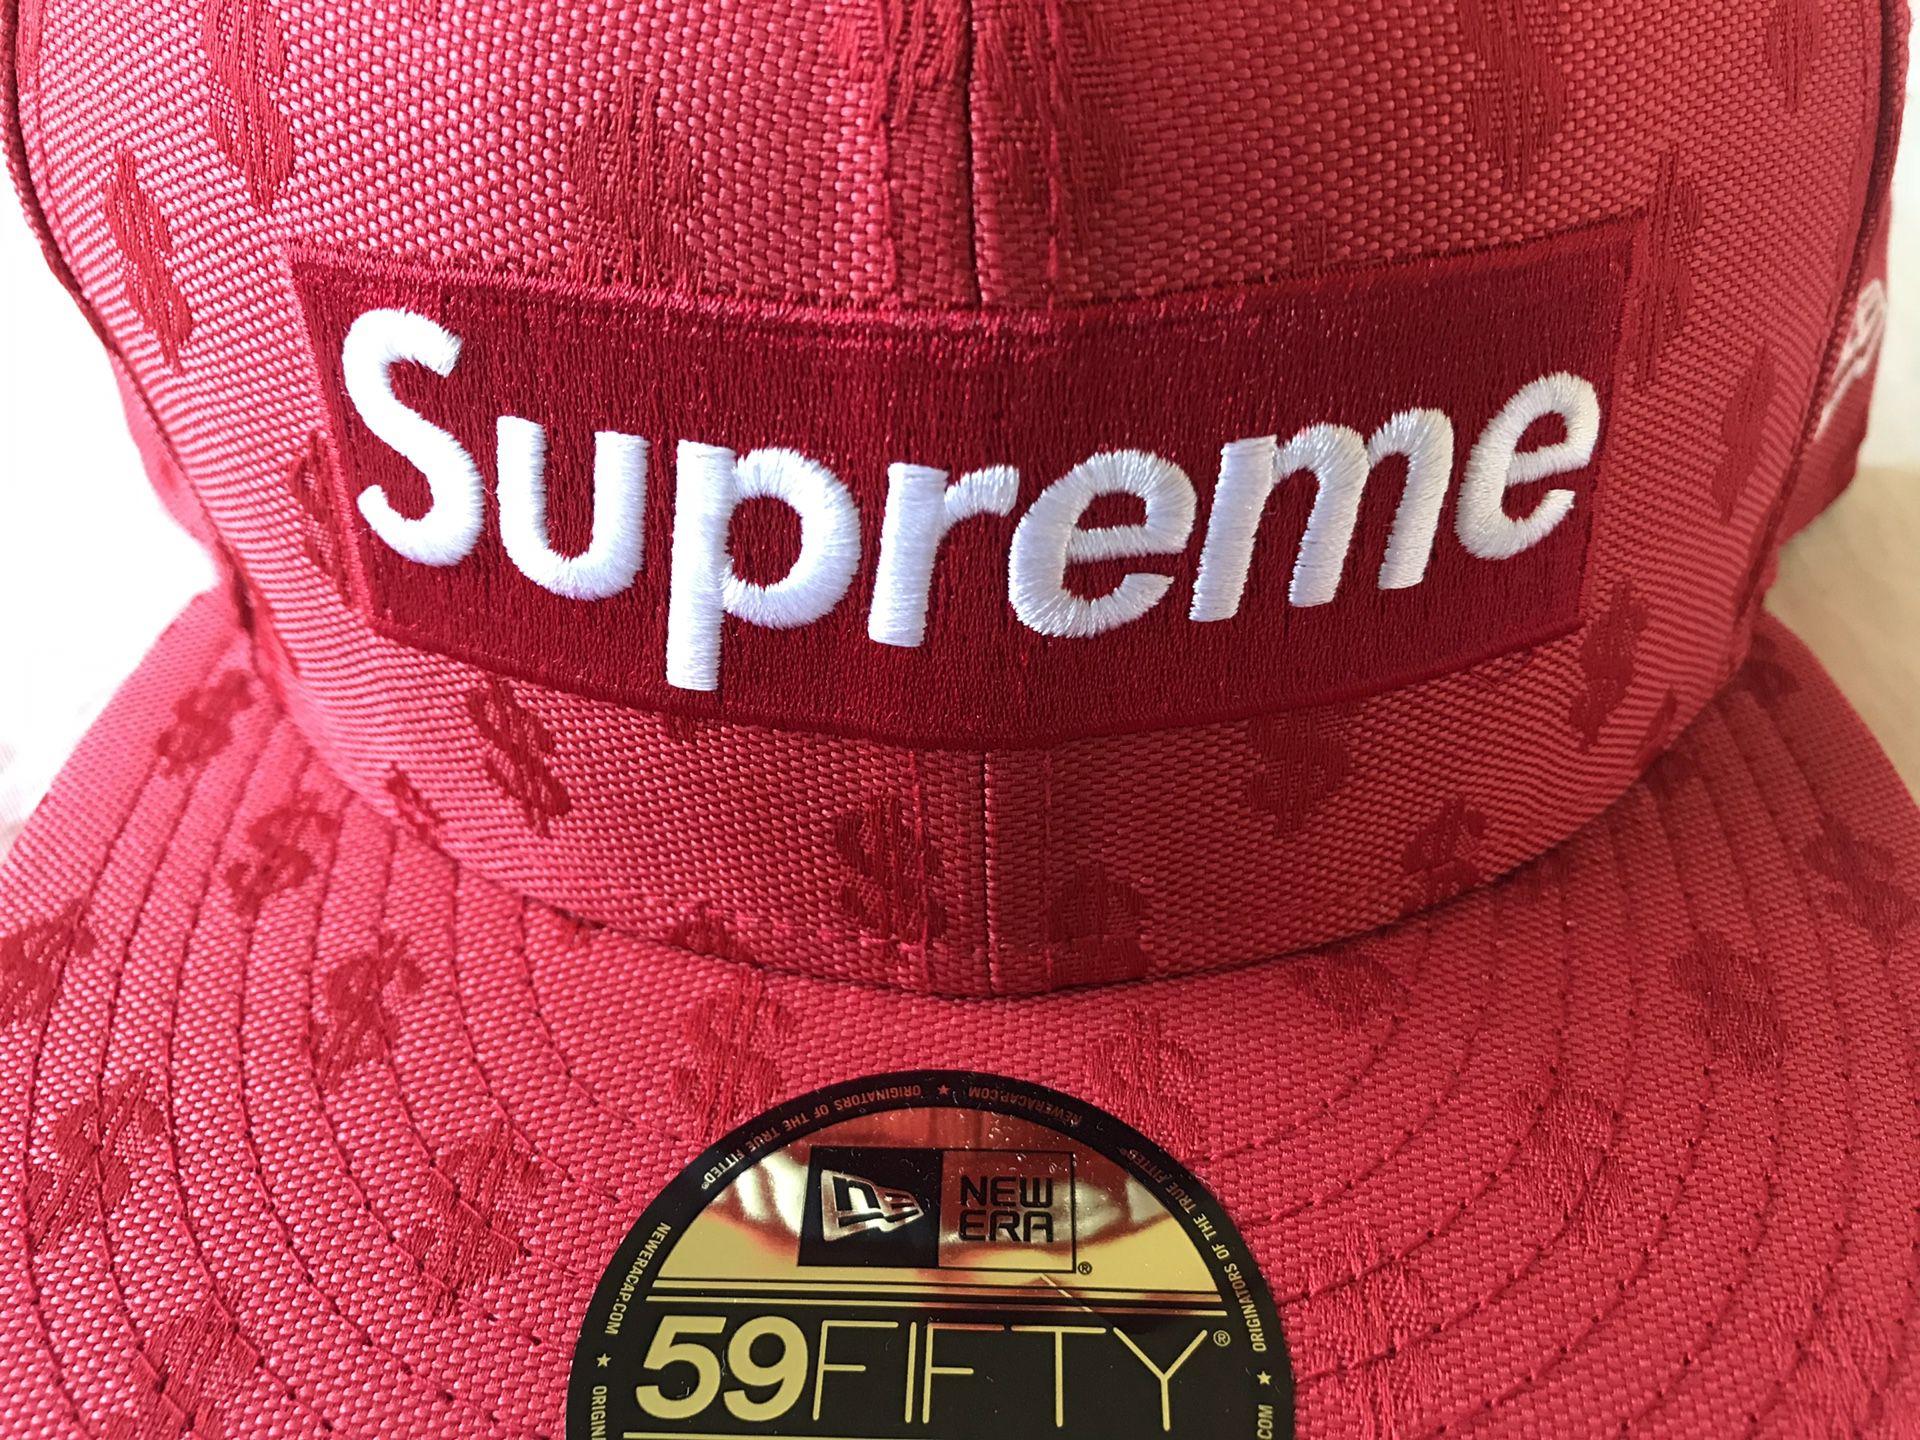 Supreme x New Era Monogram Box Logo size 7 3/4 brand new